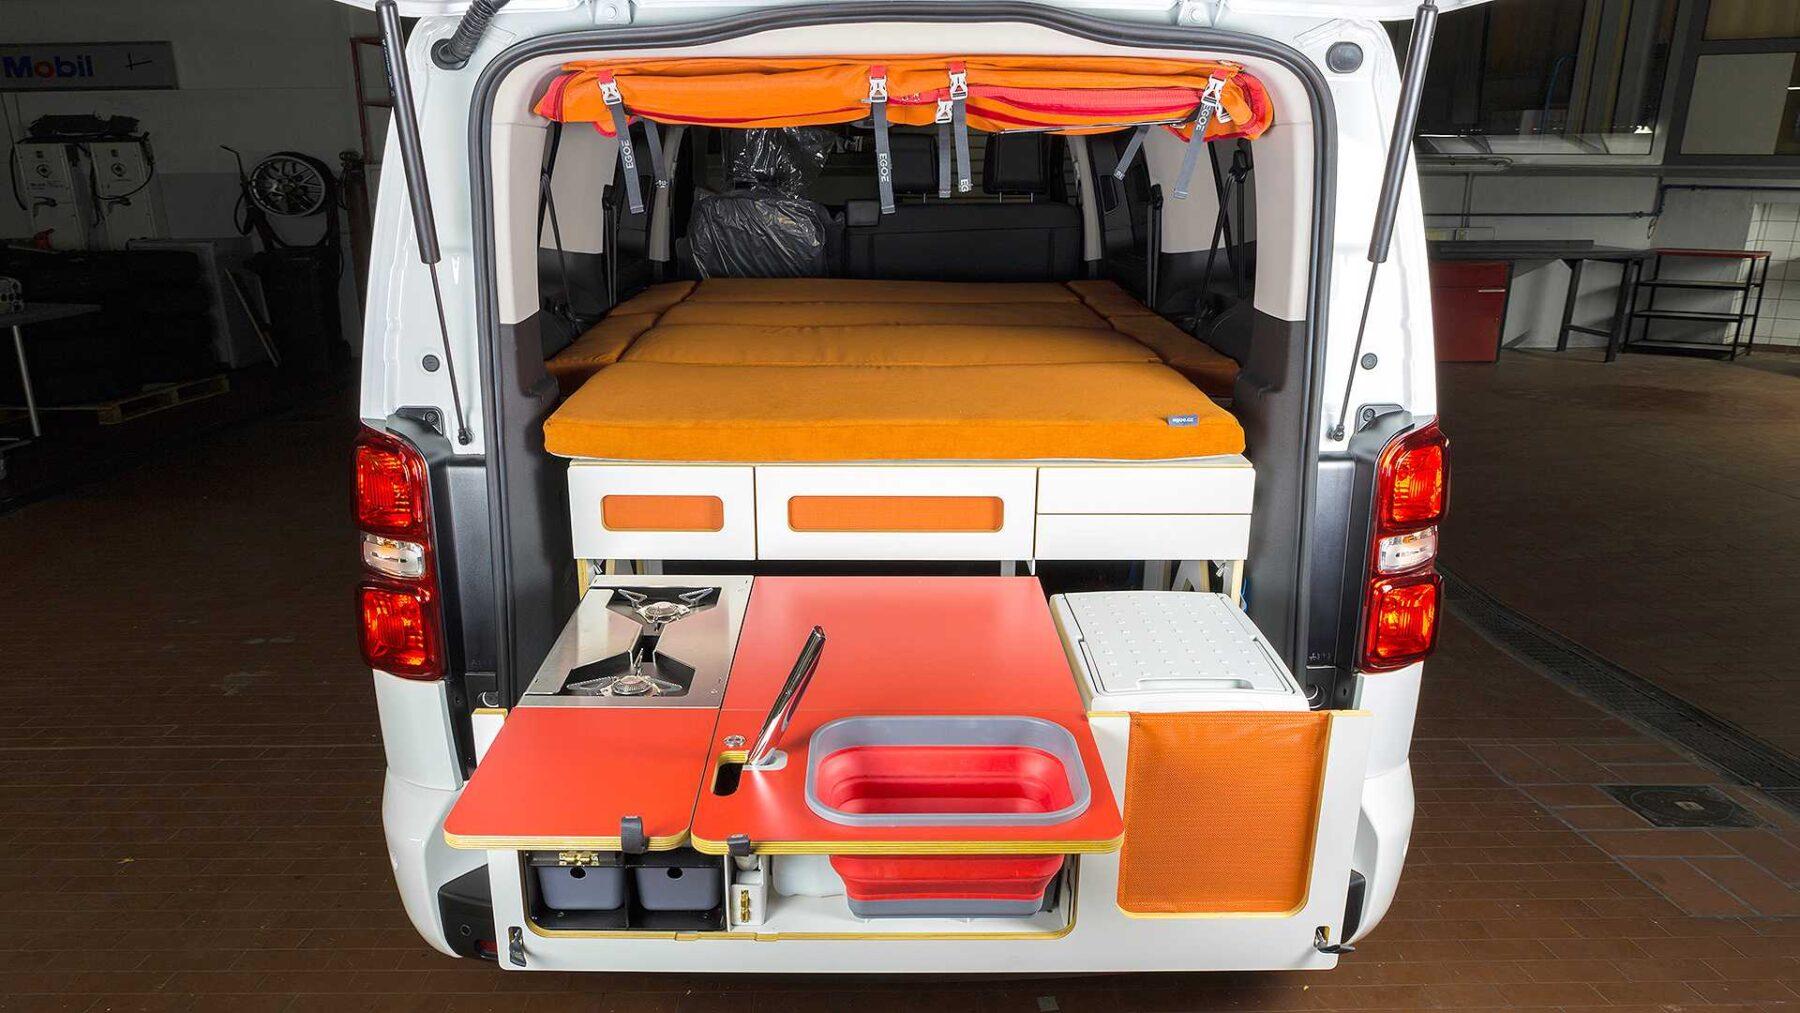 Las Ultimas Camper Compactas De Peugeot Son El Claro Ejemplo De Como Se Puede Optimizar El Espacio